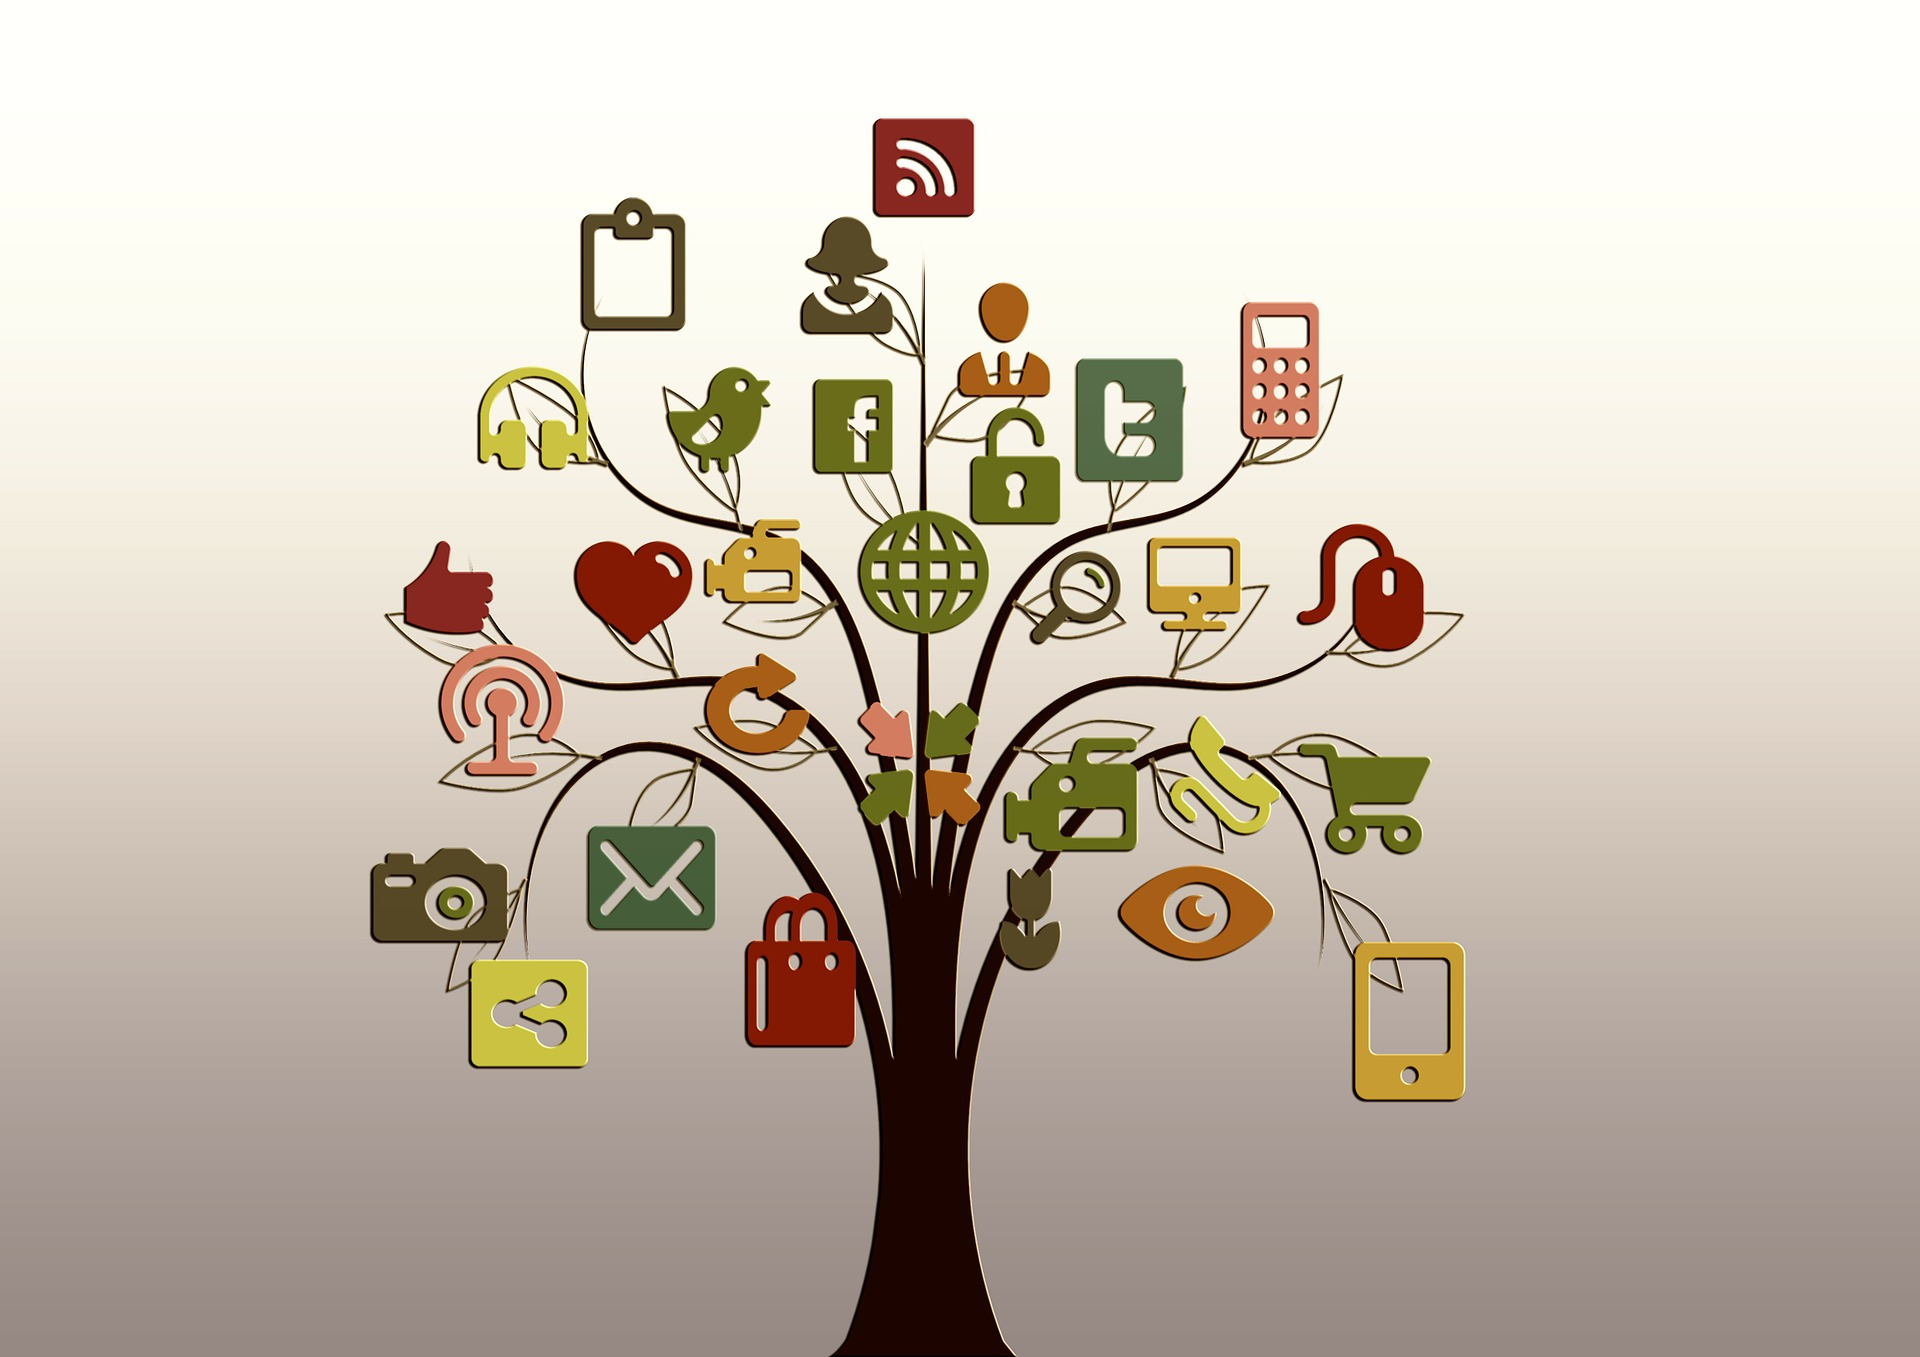 tree 200795 1920 - WordPress Popular Postsの設定やカスタマイズの方法まとめ!人気記事をランキング形式で表示